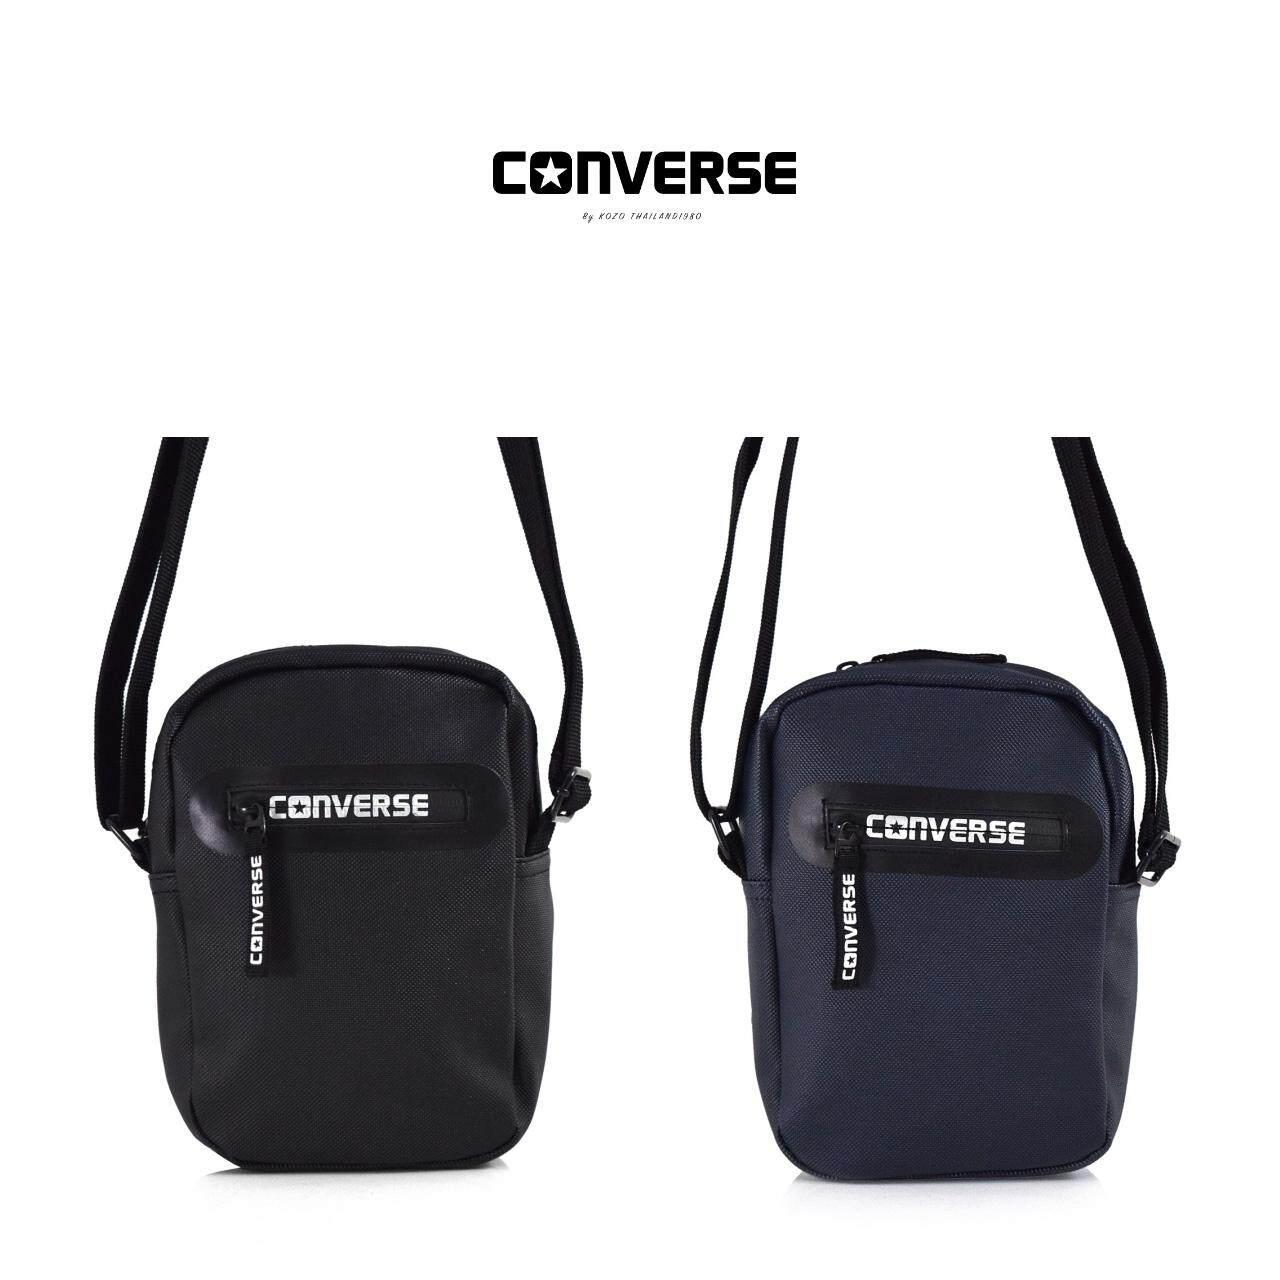 กระเป๋าสะพายพาดลำตัว นักเรียน ผู้หญิง วัยรุ่น ระนอง KOZO    CONVERSE กระเป๋าสะพายข้างหนังใบเล็กกระทัดรัด CONVERSE รุ่น HARDY MINI BAG   ของแท้เท่านั้น